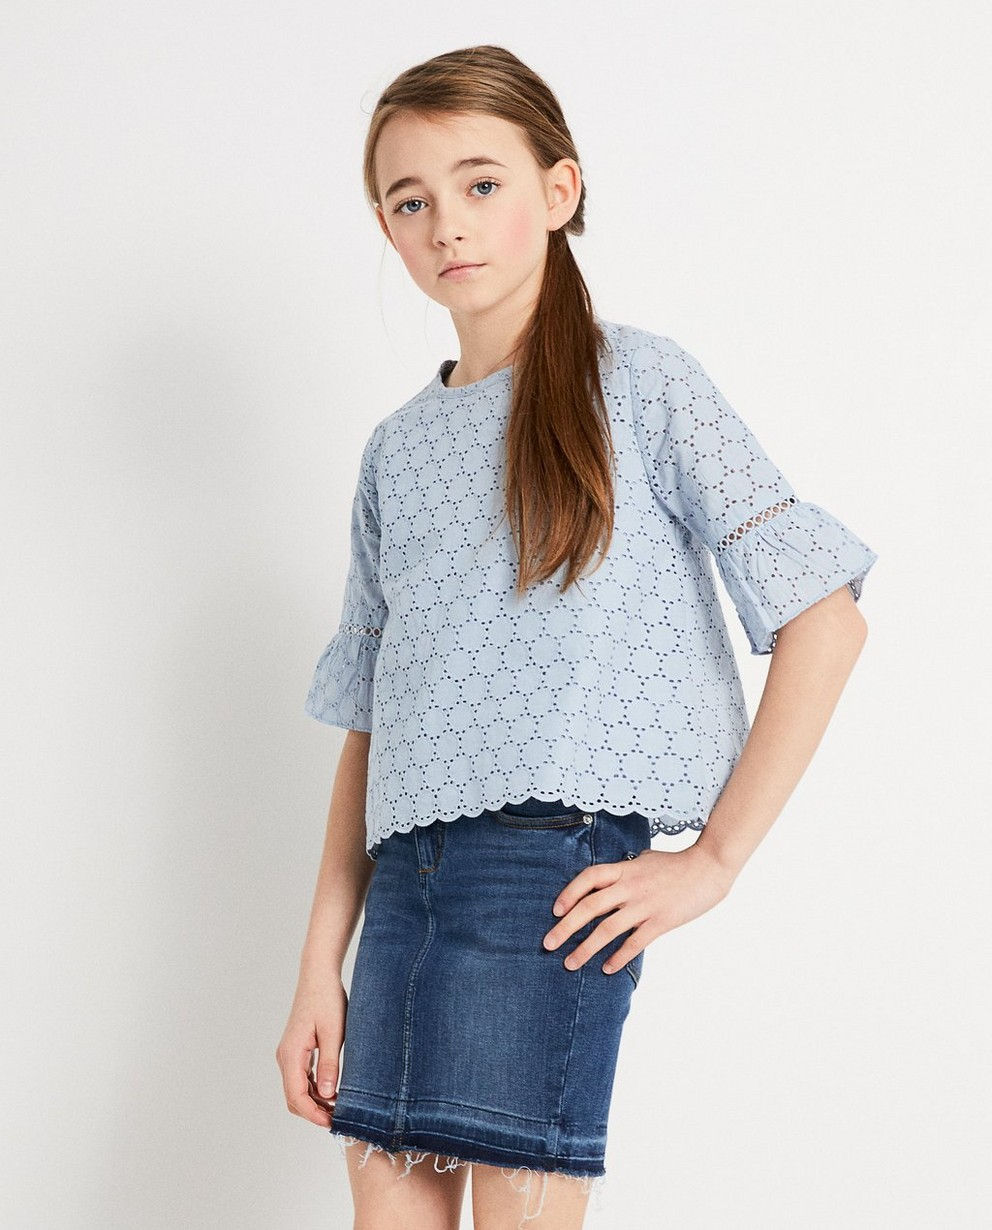 Hemden - BLM - Blauwe blouse Katja Retsin